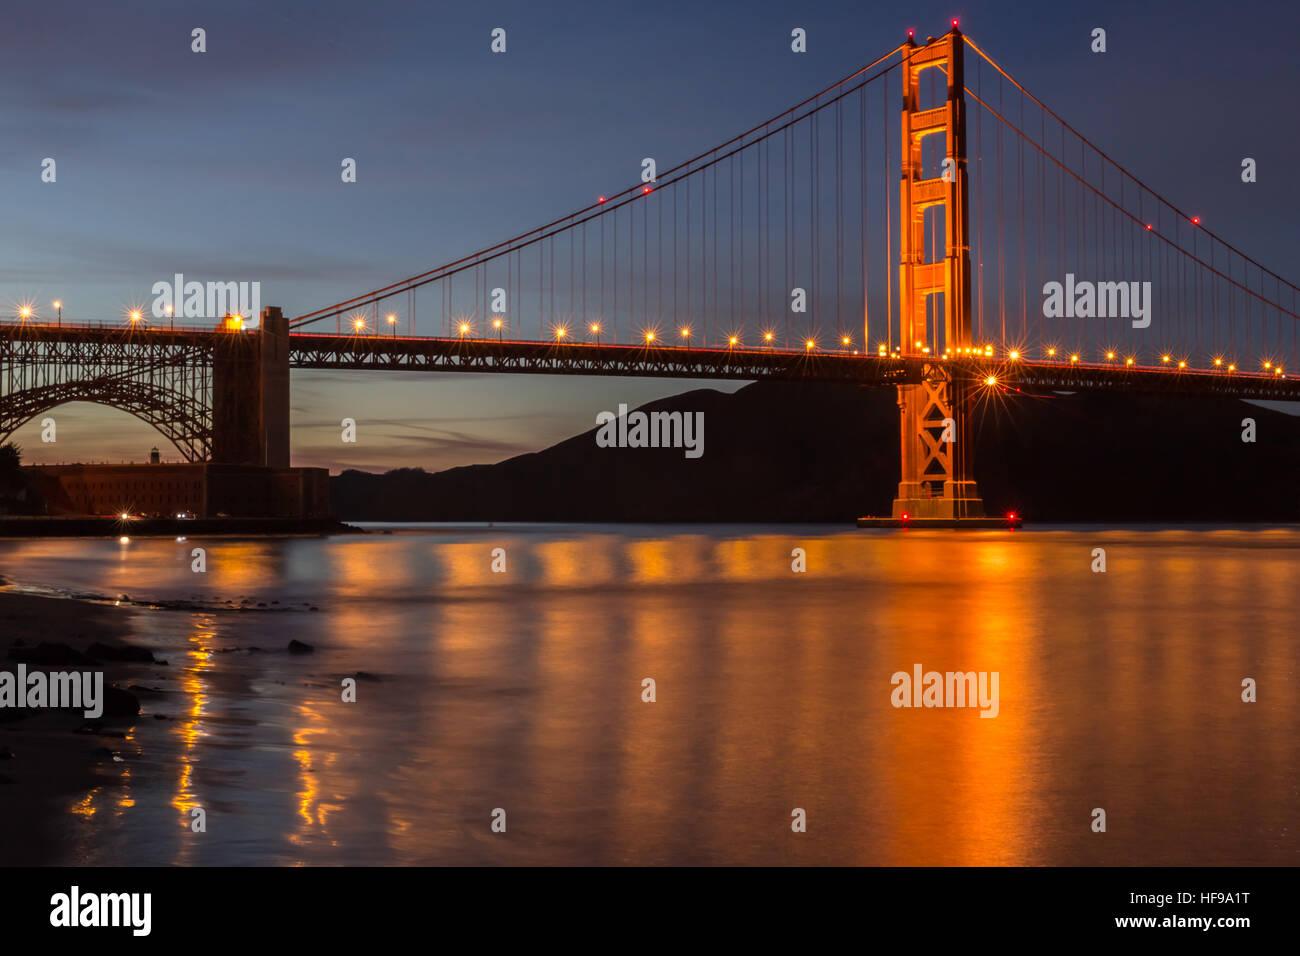 Puente Golden Gate y Reflejos de agua. Fort Point, San Francisco, California, EE.UU. Imagen De Stock